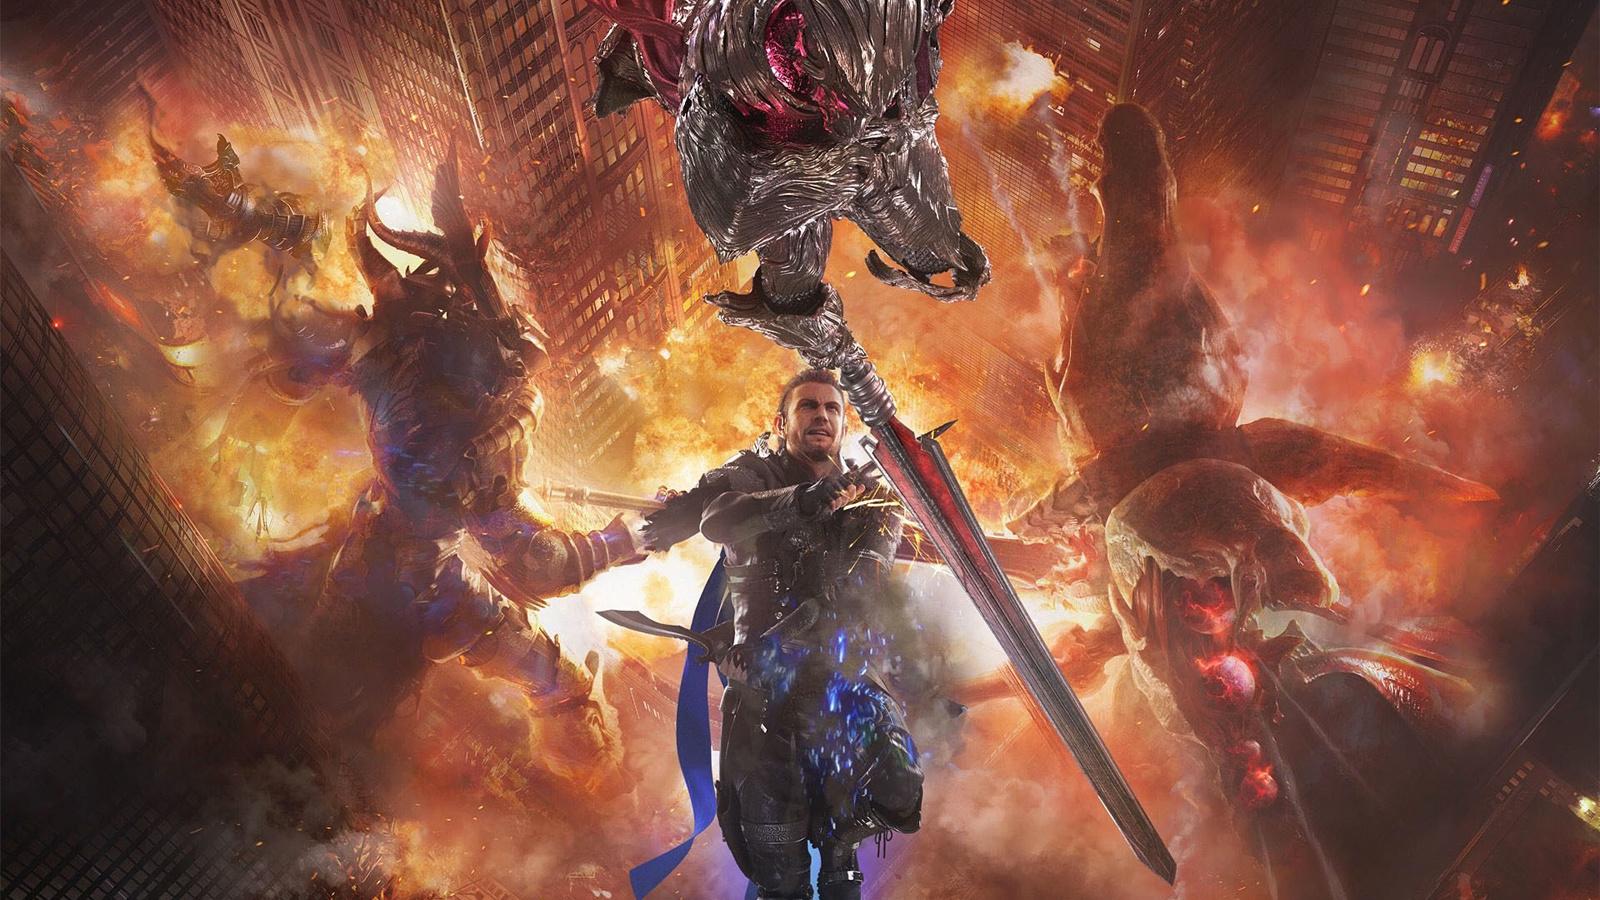 《最終幻想15 王者之劍》在影院上映意味著什麼?